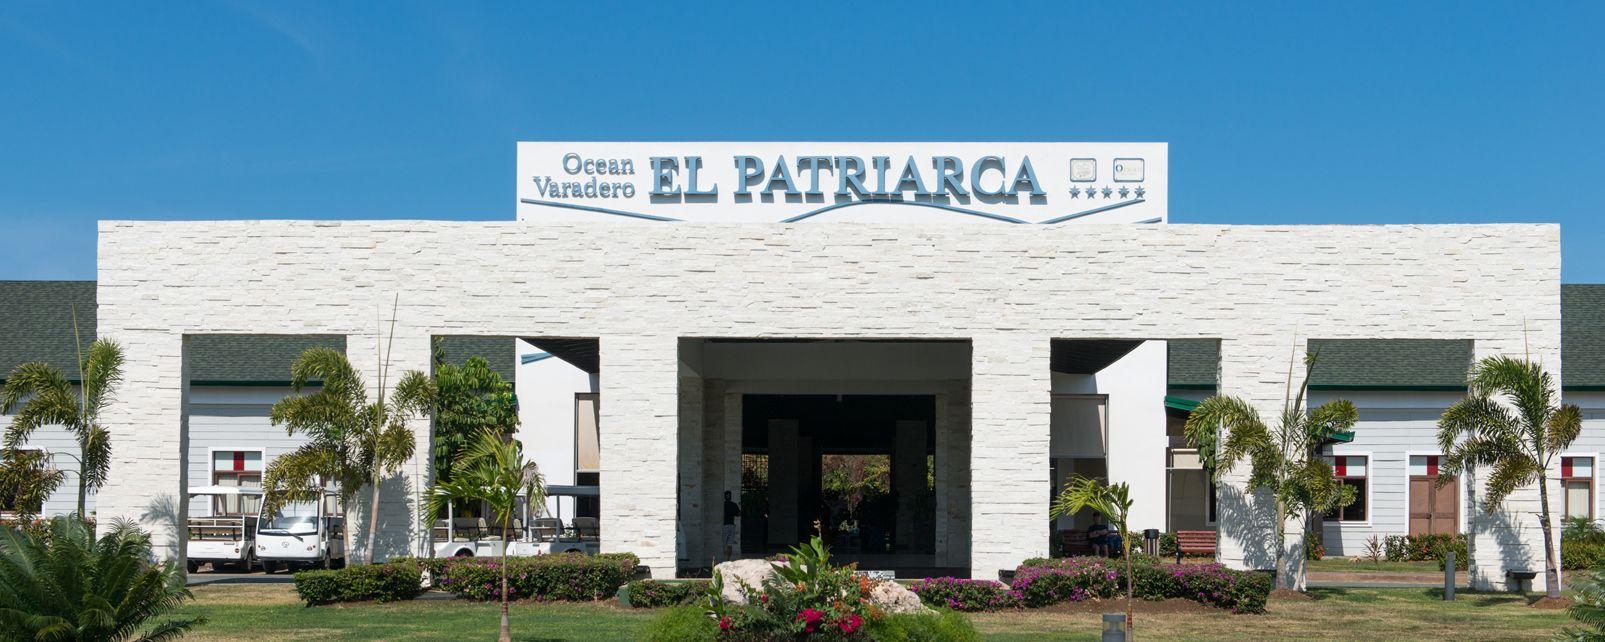 Club Coralia Ocean Varadero El Patriarca